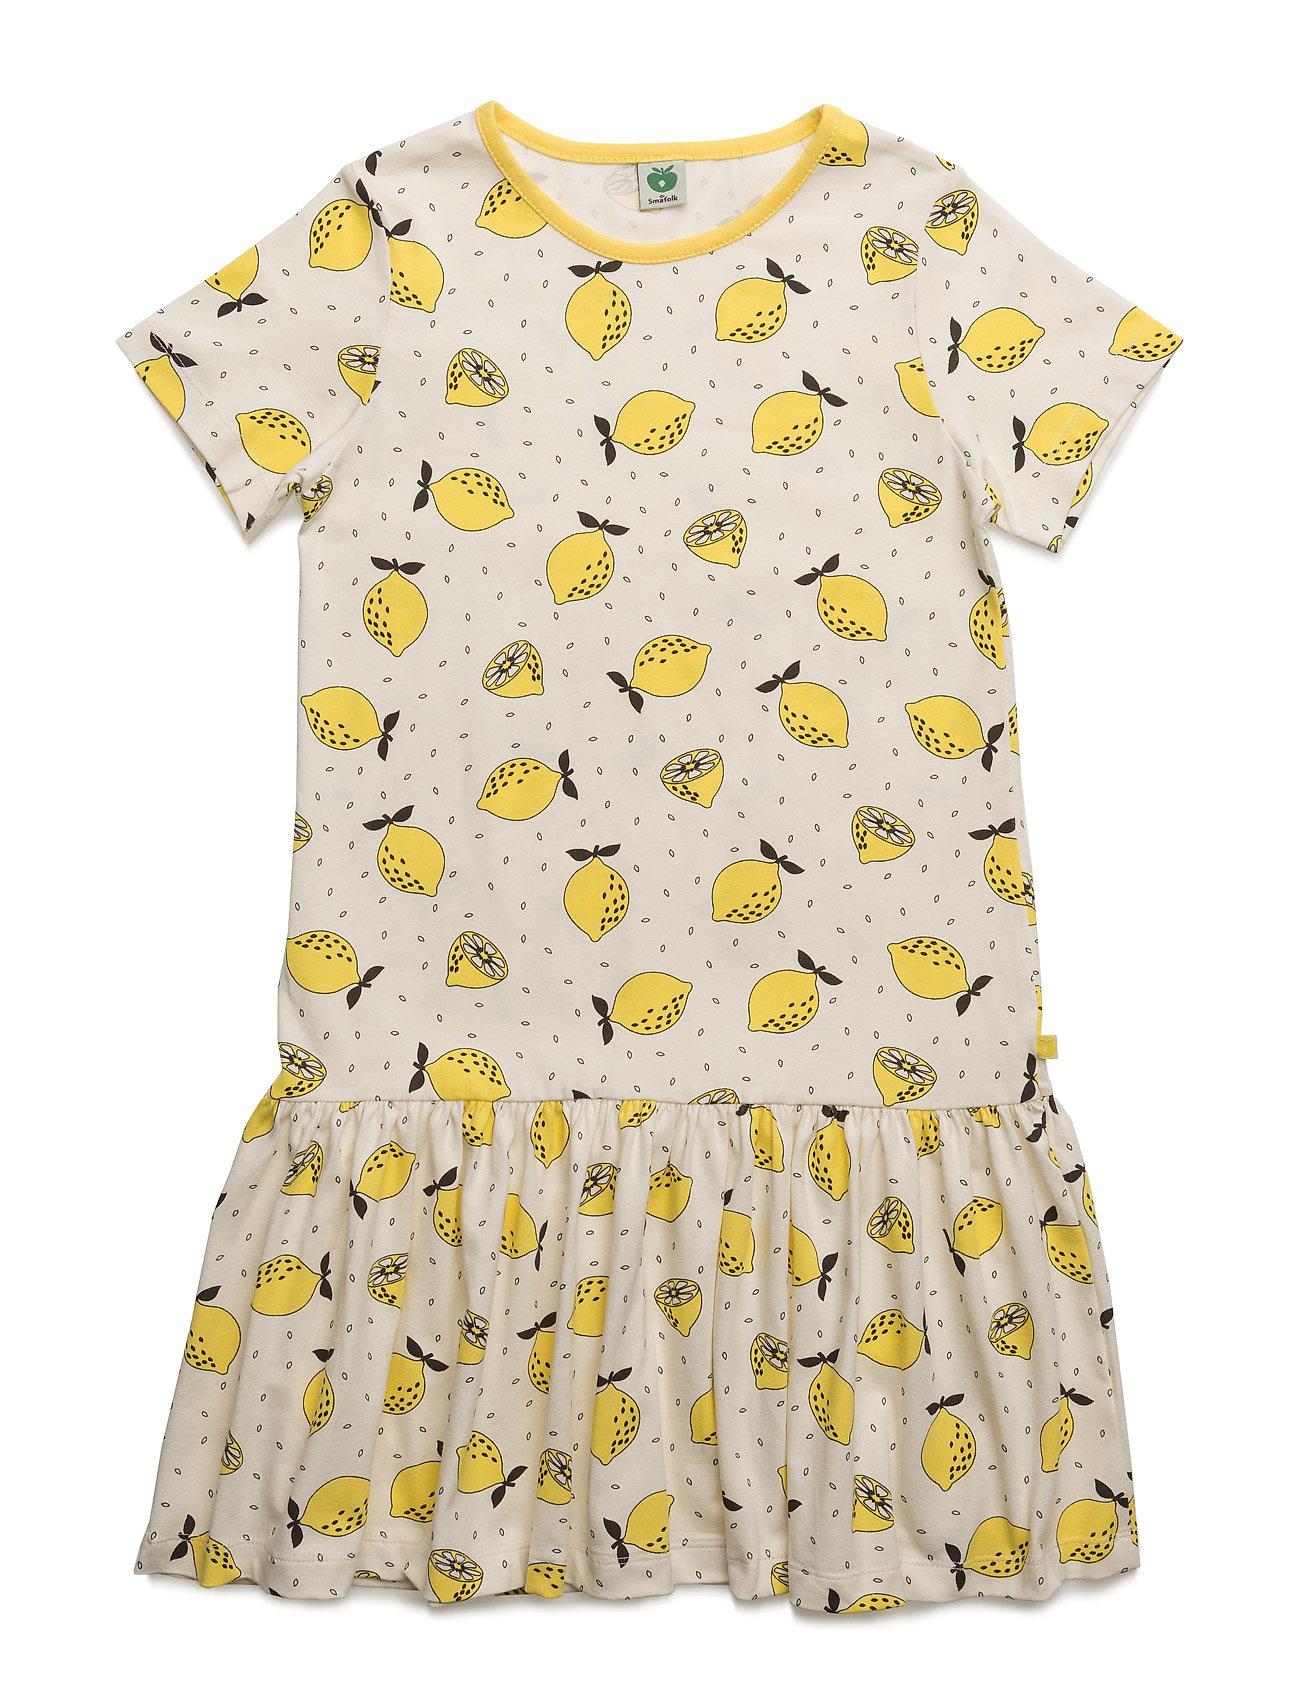 Dress With Lemon Print SmÂfolk Kjoler til Børn i Fløde